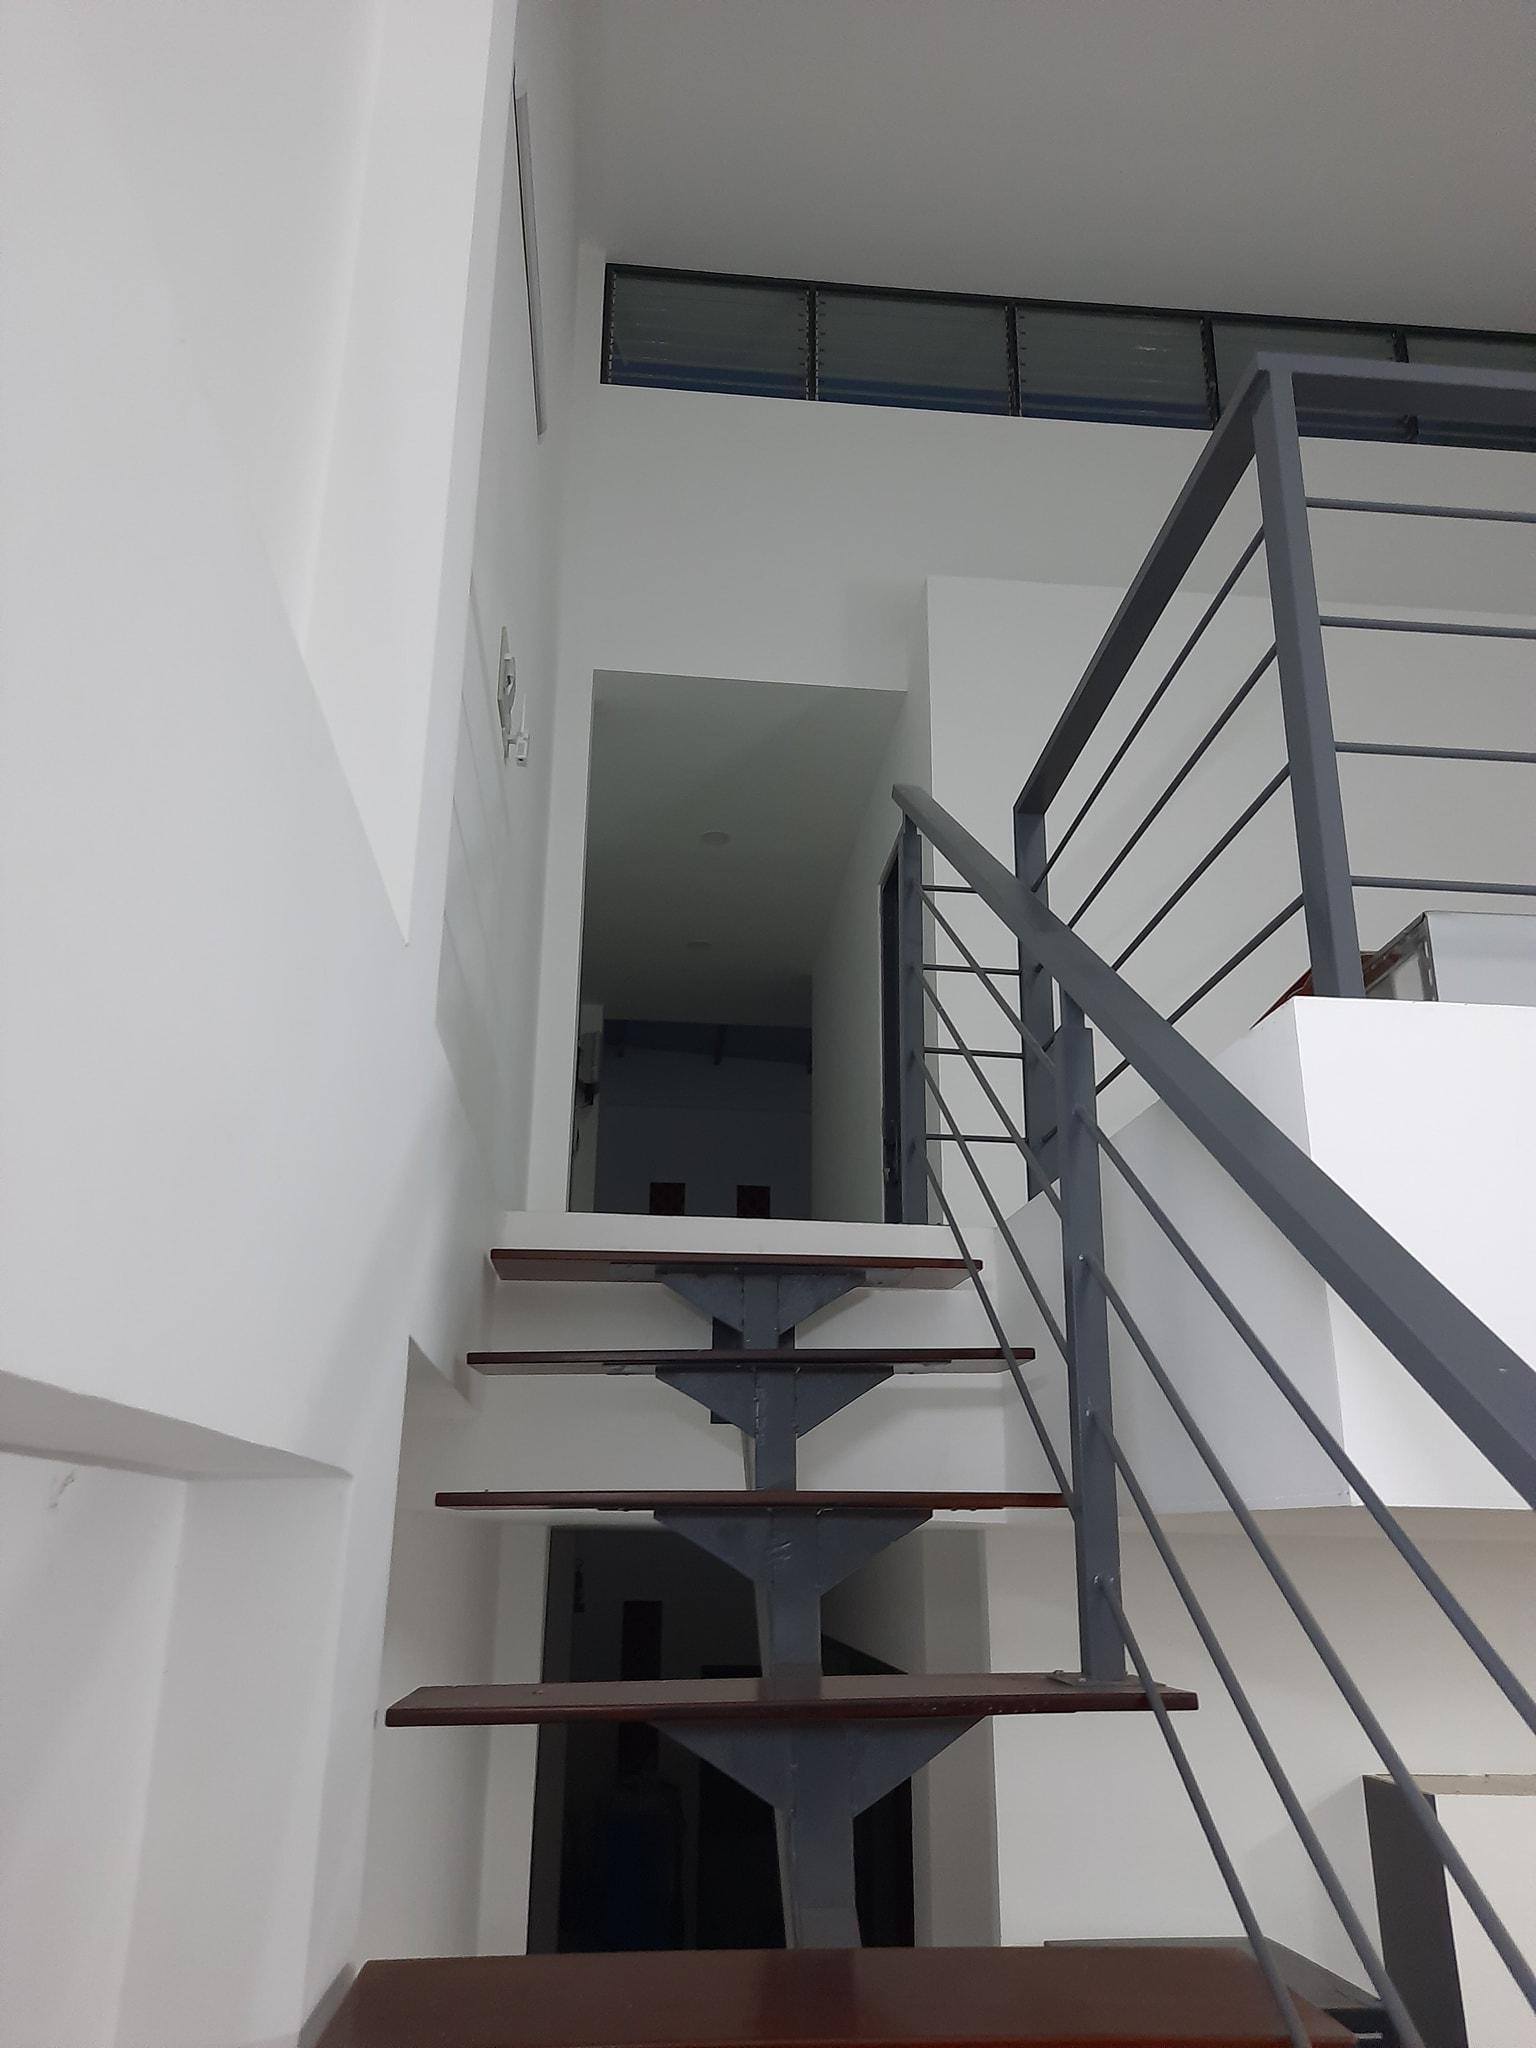 Cầu thang nhà cấp bốn